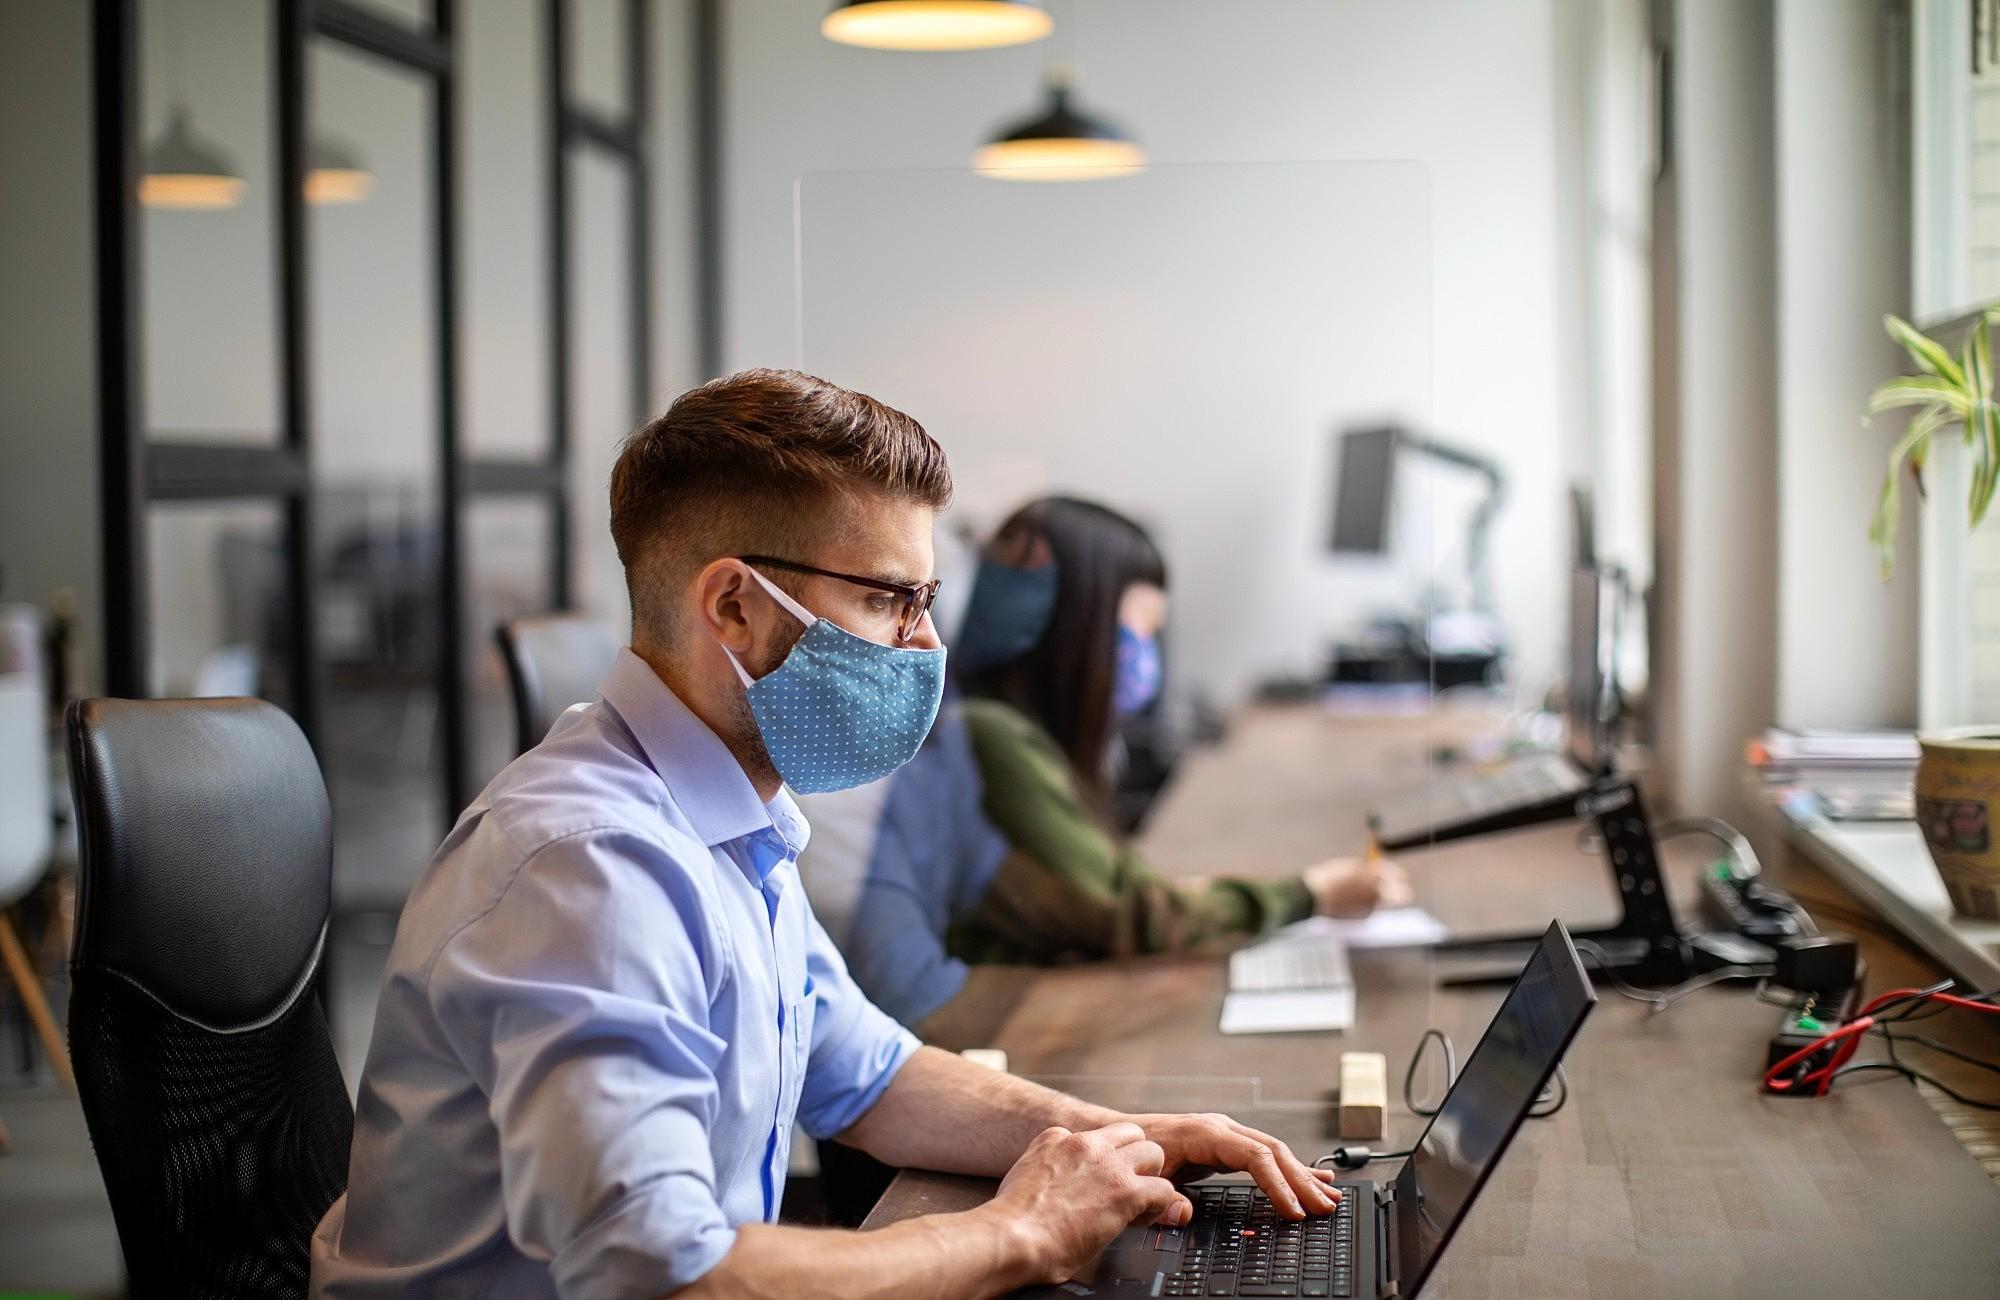 Como prevenir o contágio de coronavírus nas empresas?